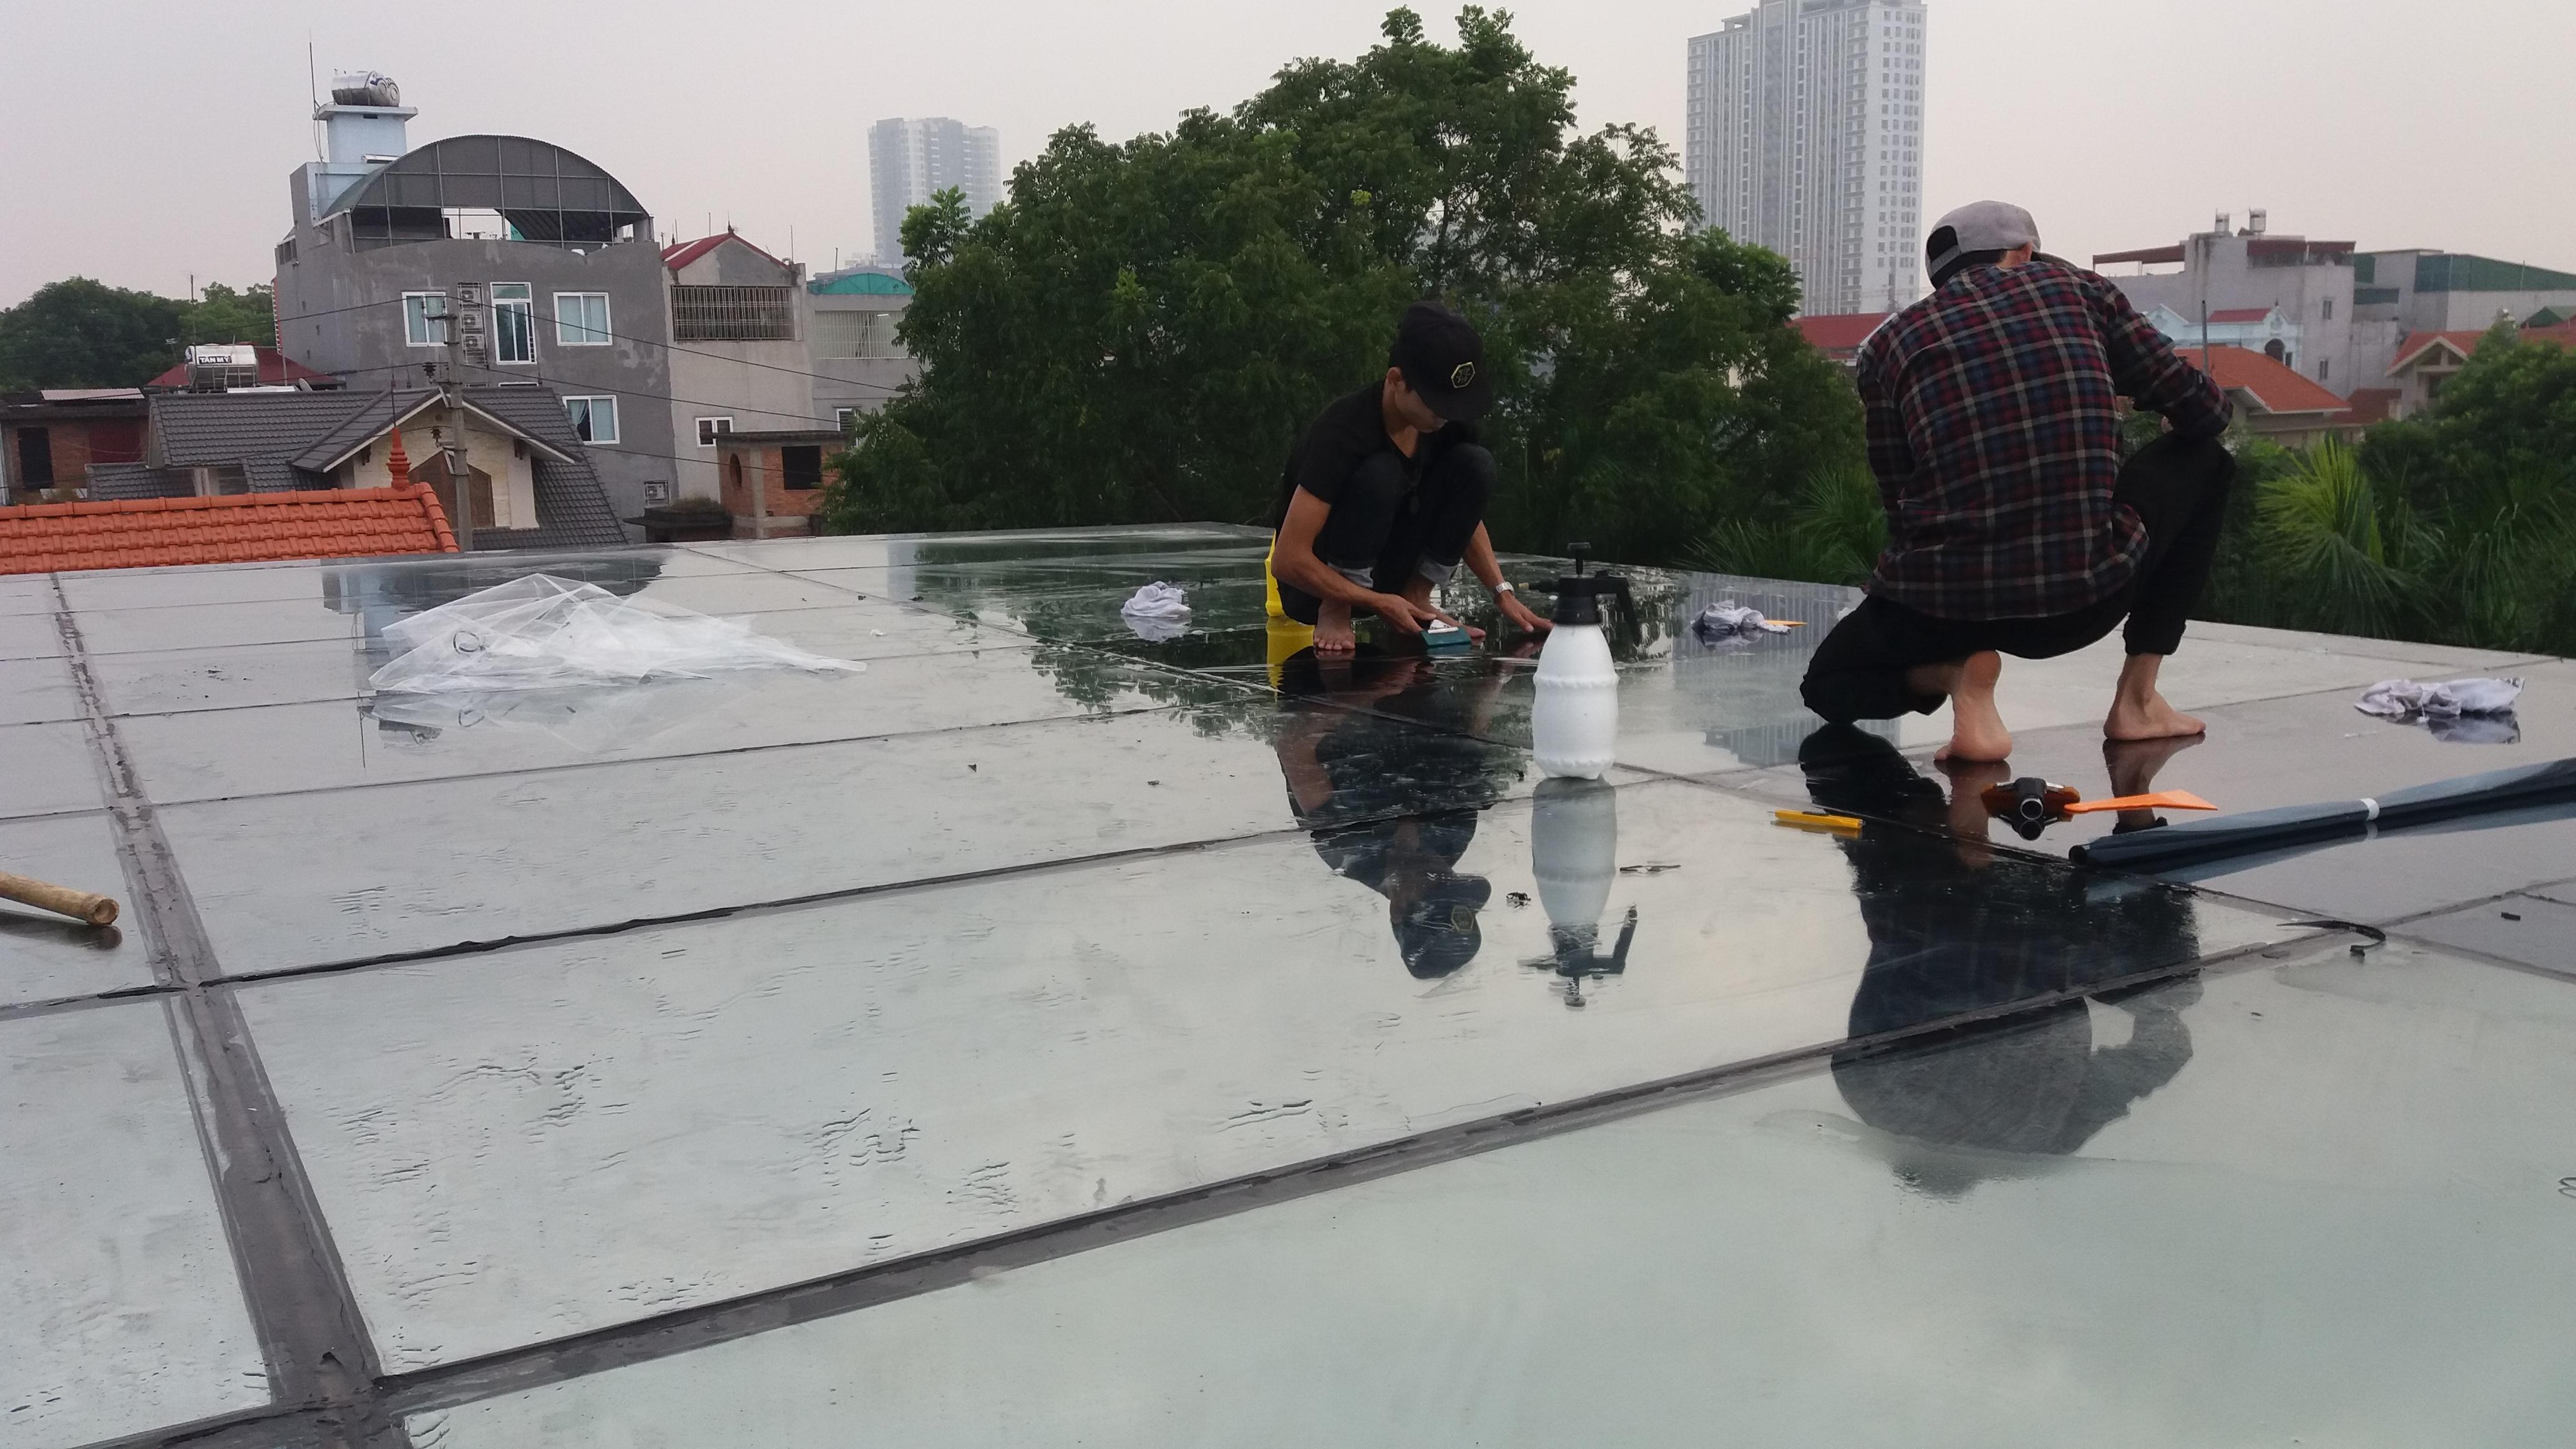 dán phim cách nhiệt chống nắng nóng mái kính